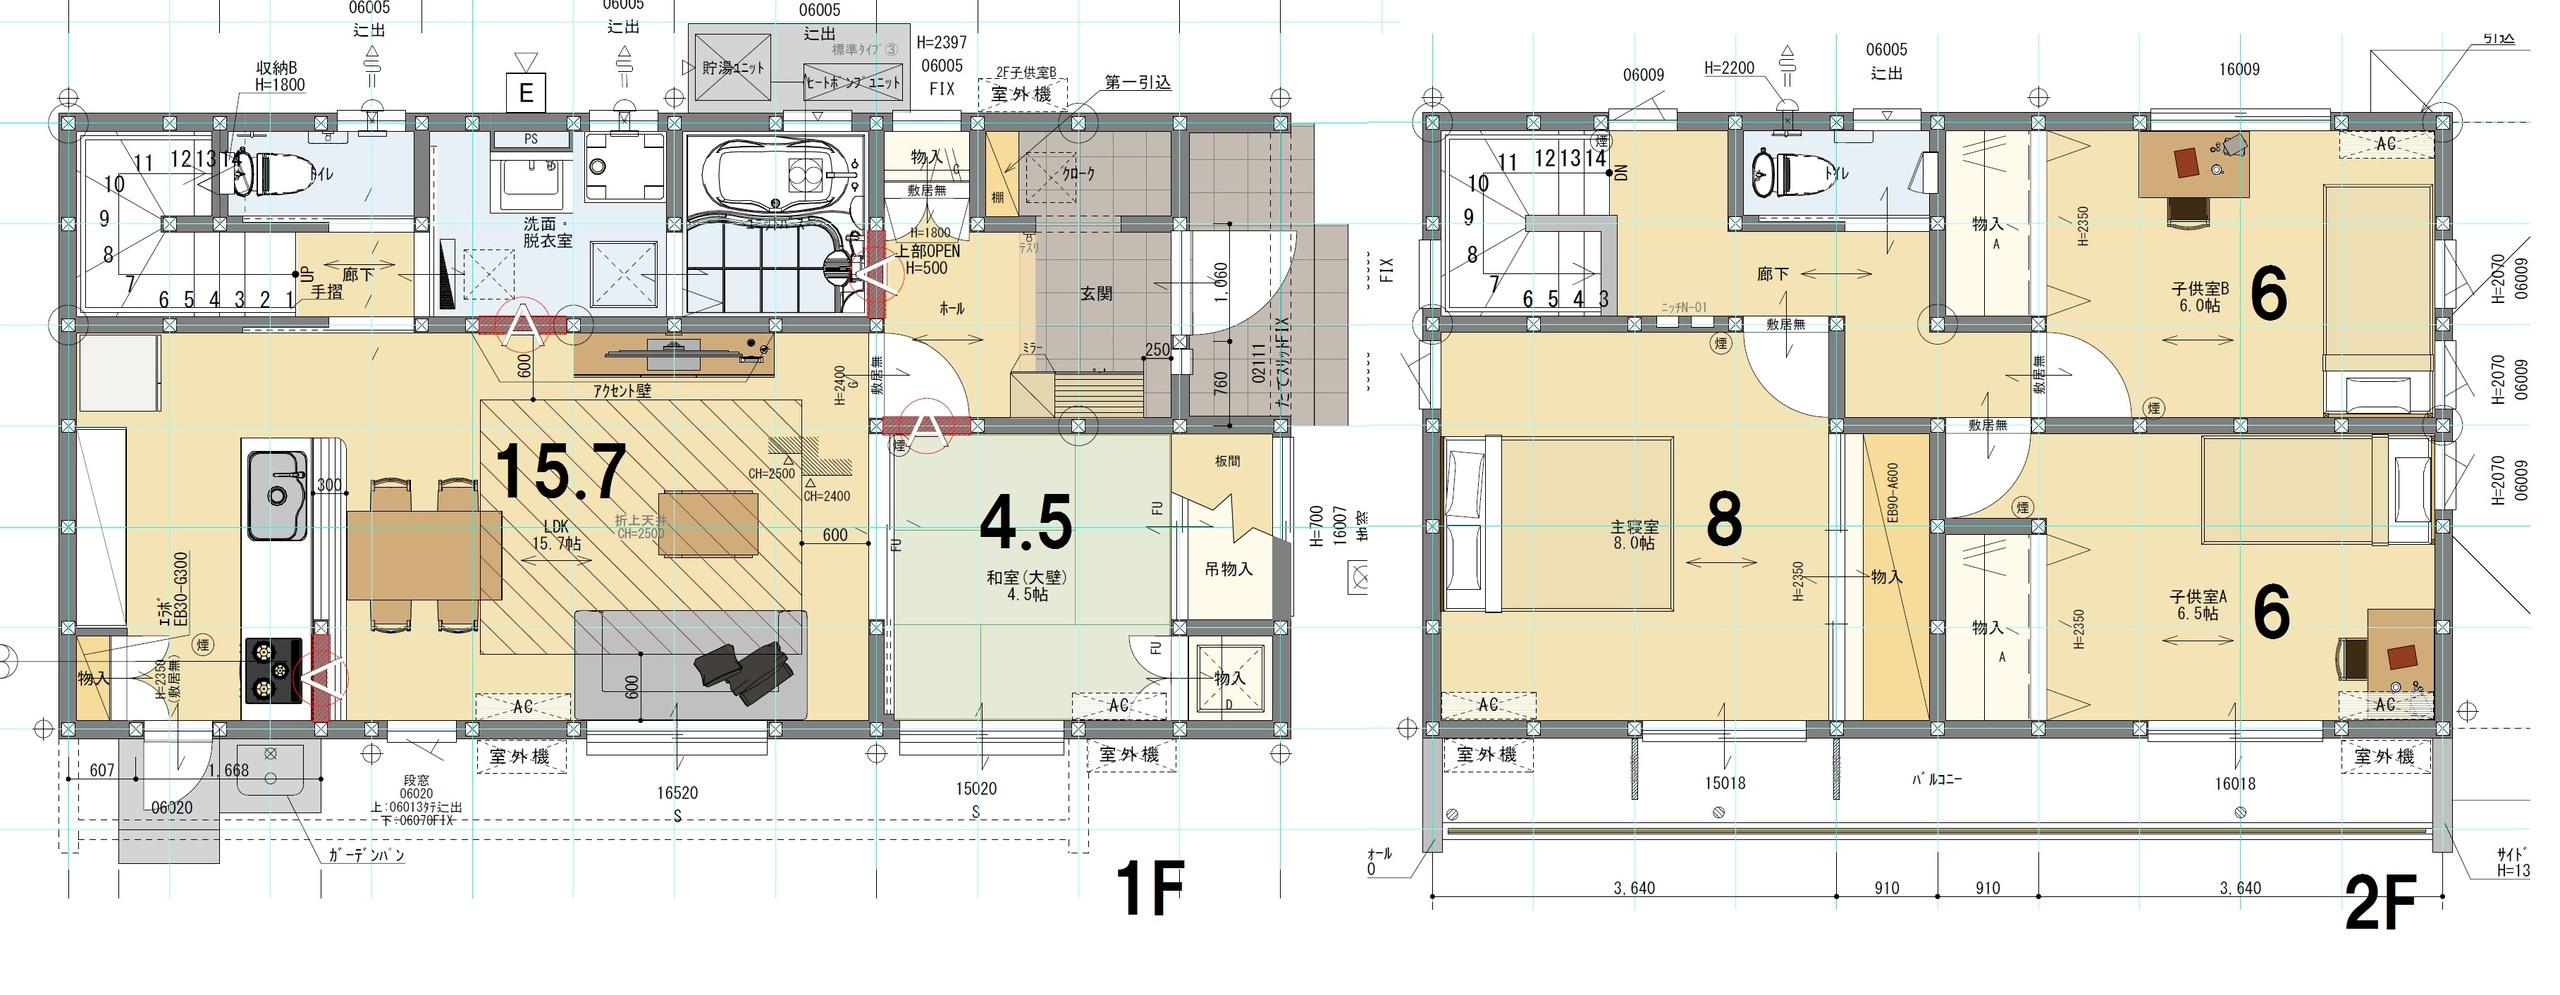 A棟 4LDK 土地面積191.62㎡ 建物面積106.83㎡